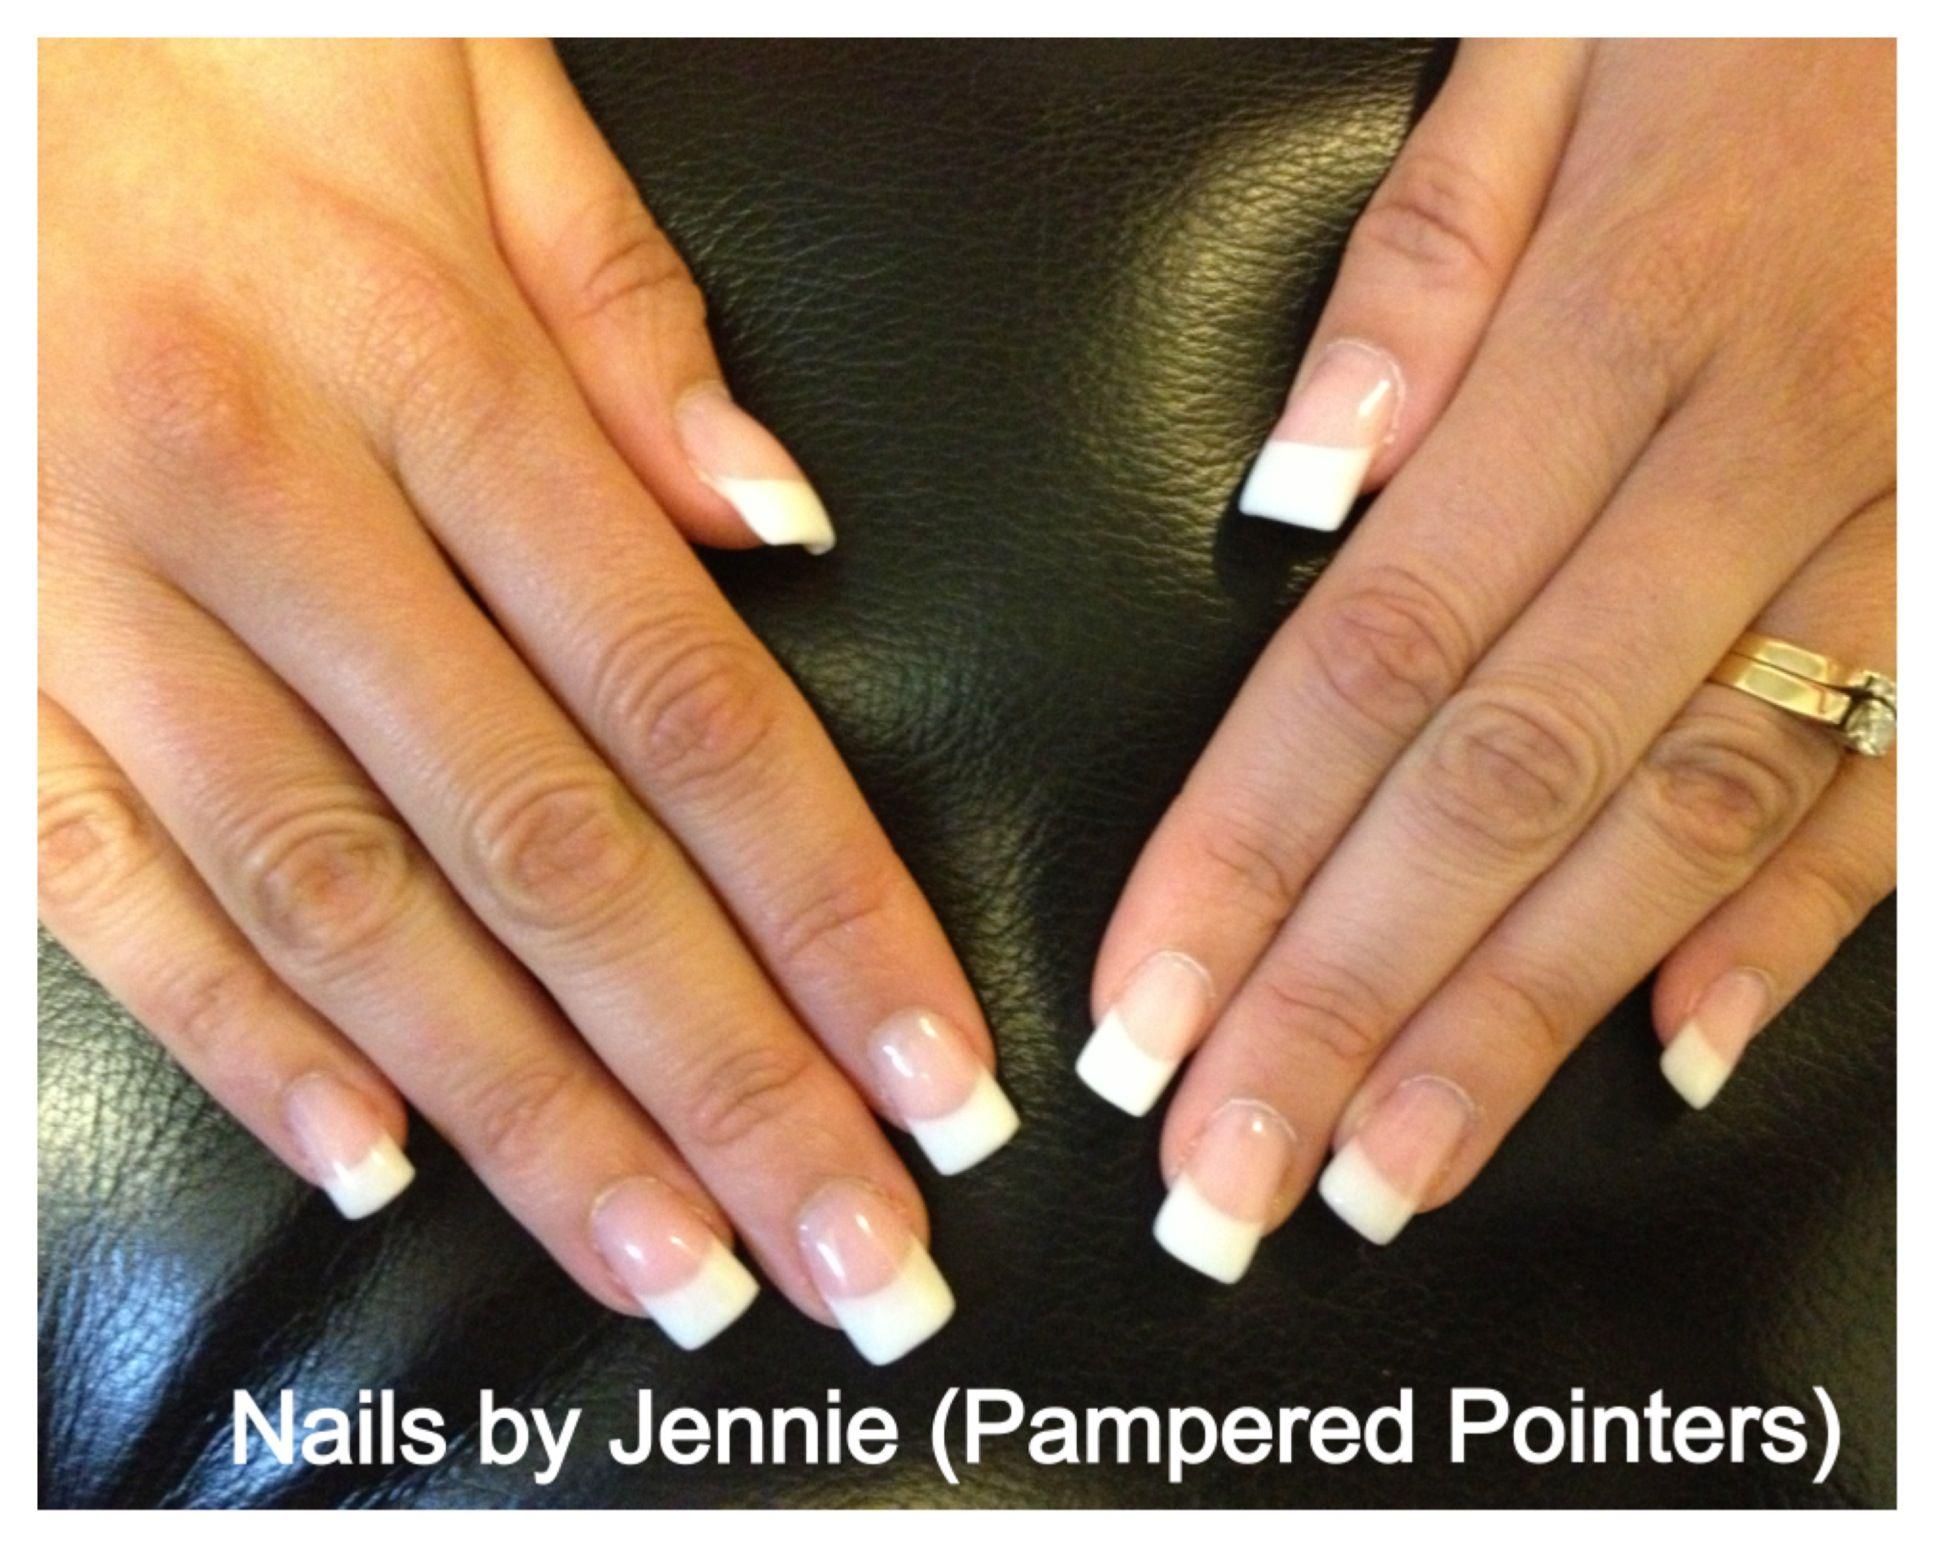 Gel nails - en Vogue French Visit www.facebook.com/pampered.pointers ...